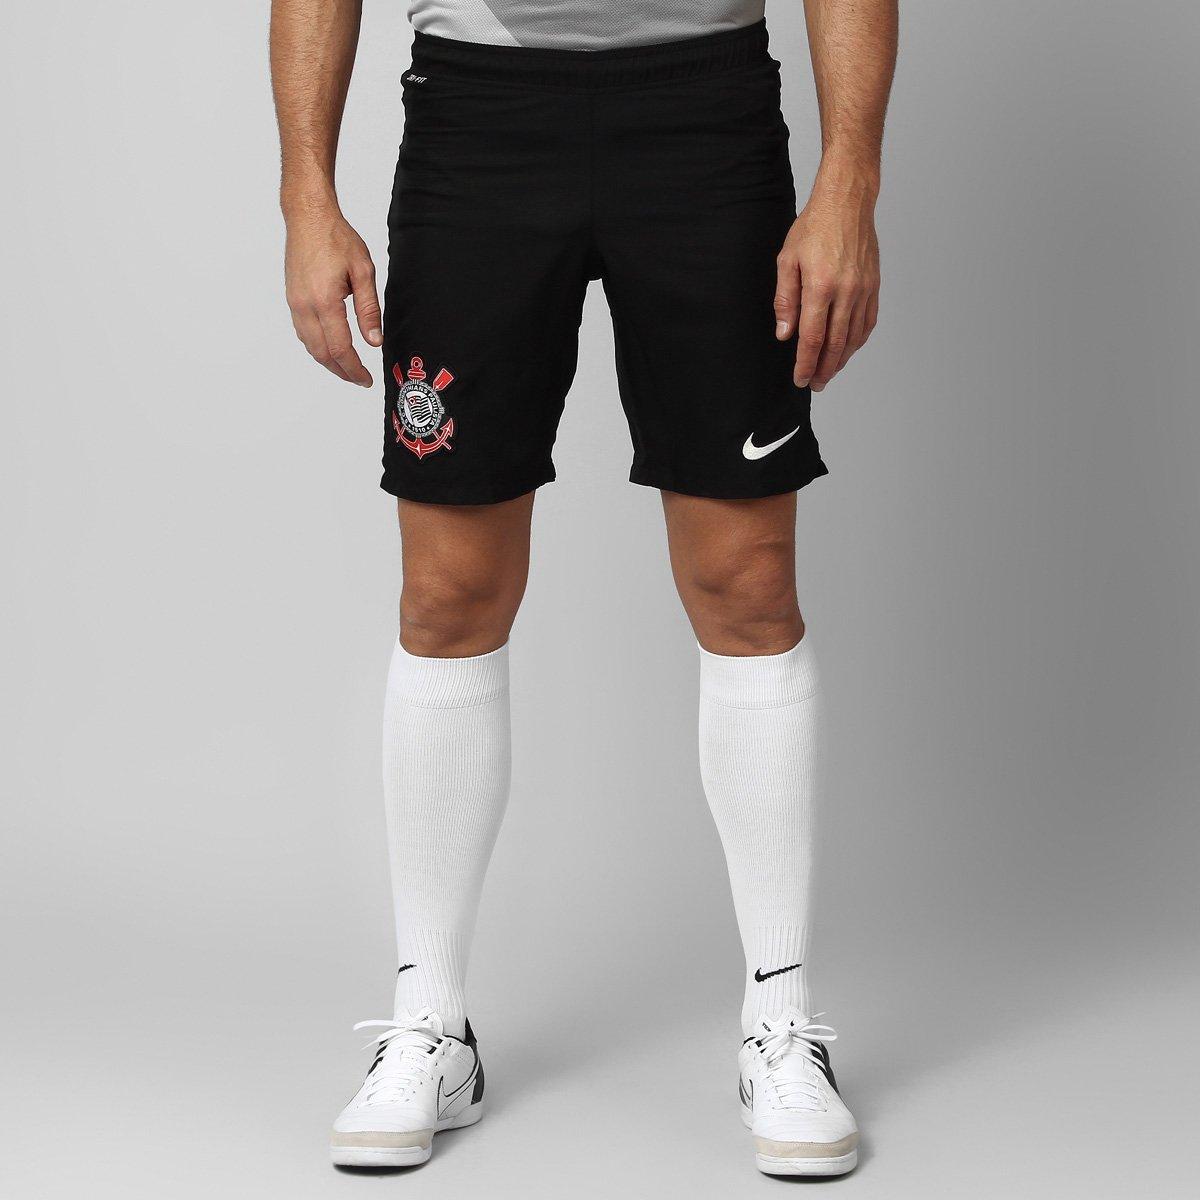 Calção Nike Corinthians Goleiro 13 14 - Compre Agora  e84d113b17b8c